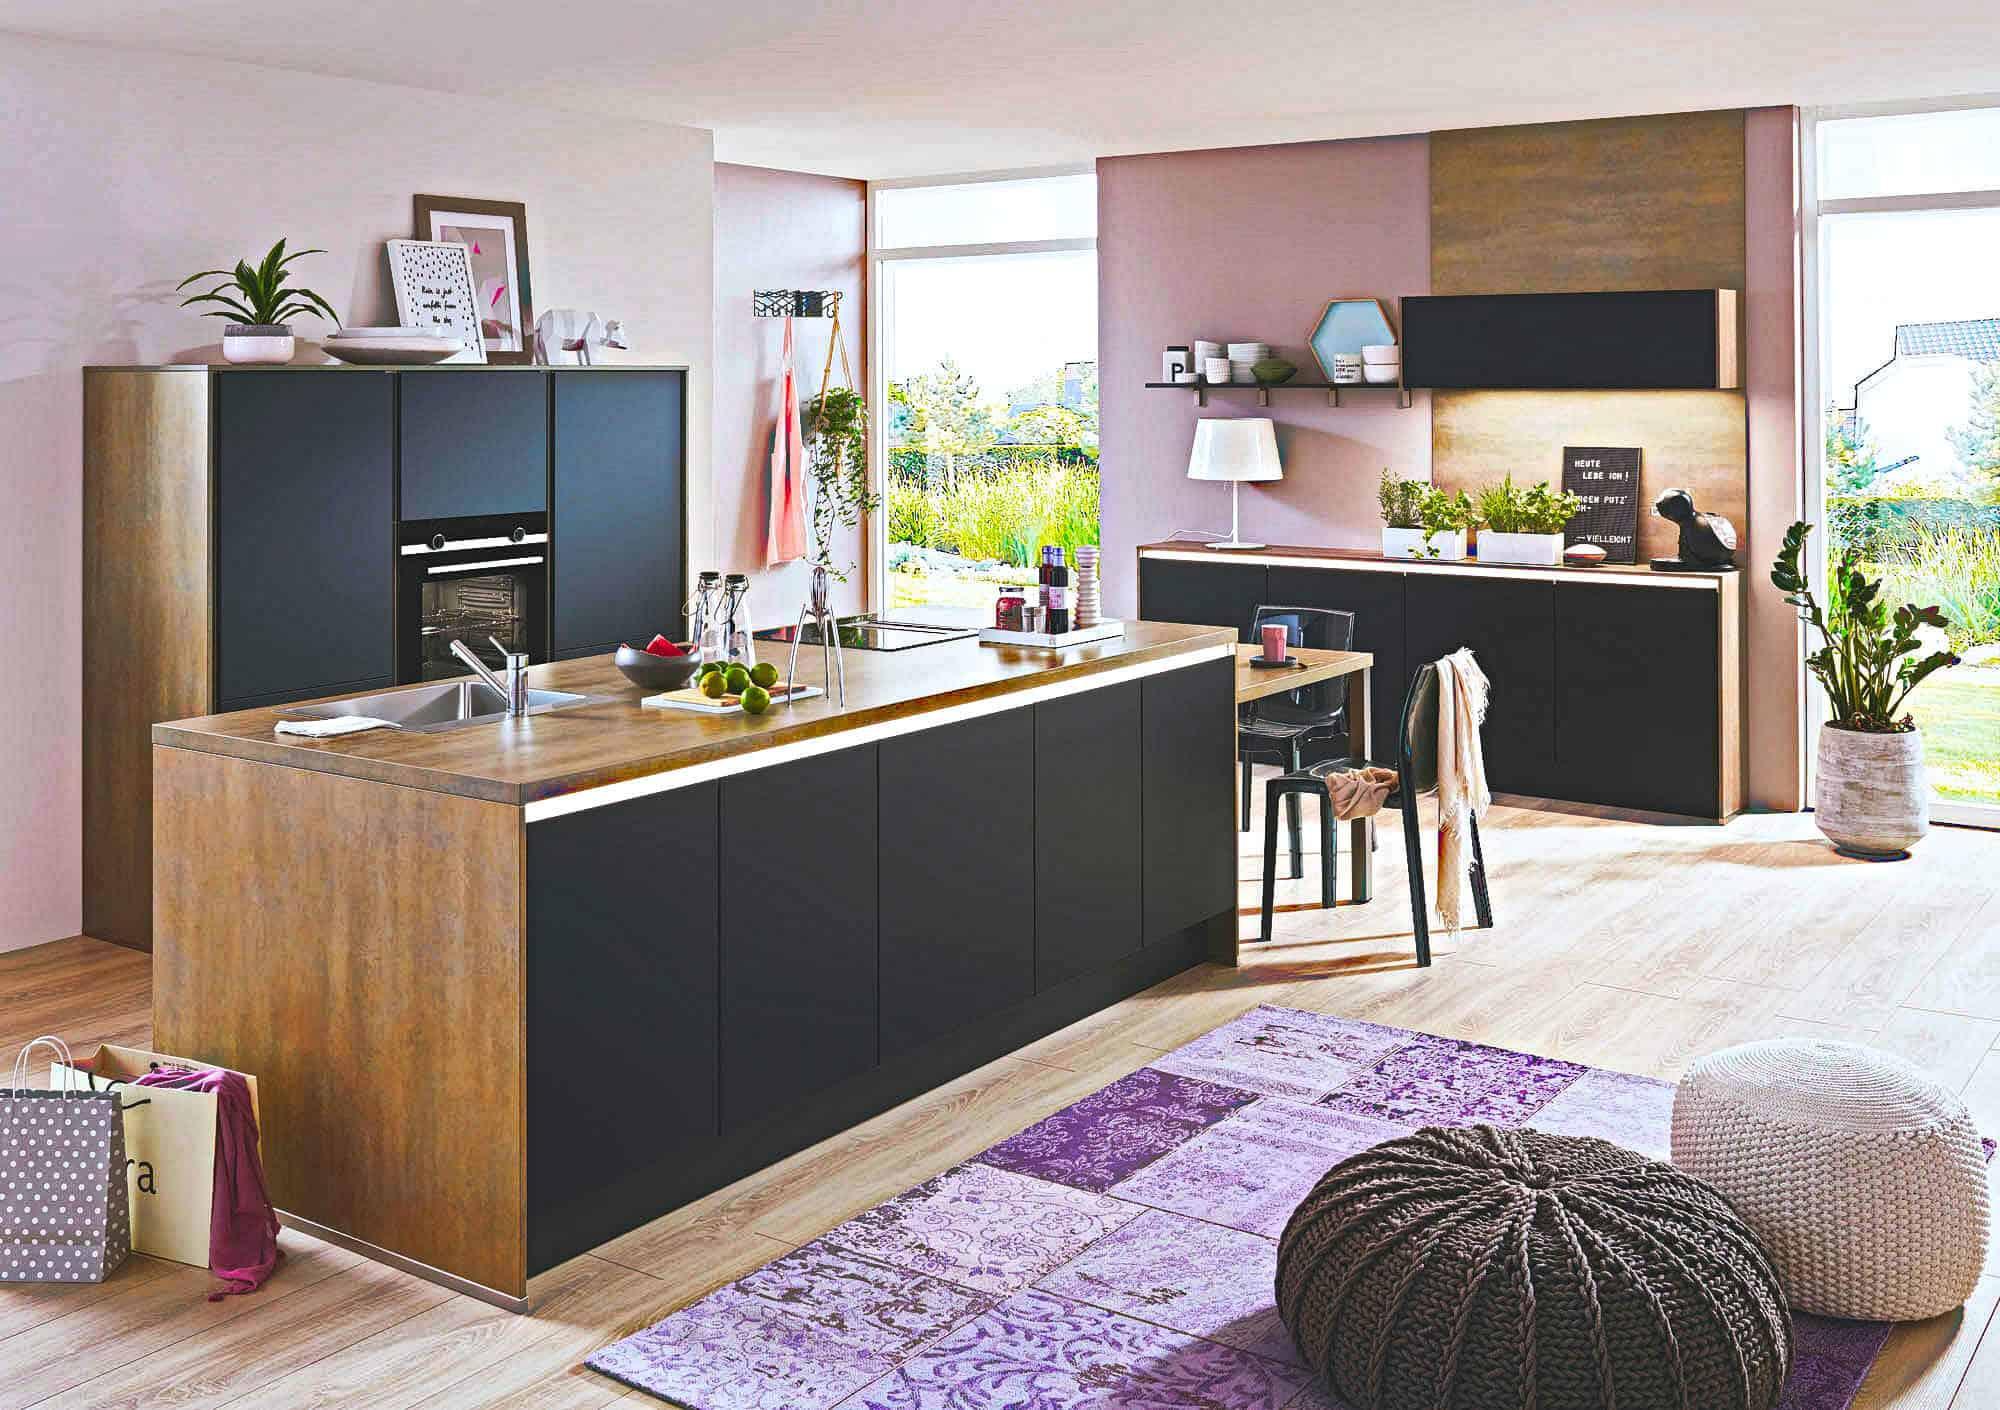 industrial style k chen g nstig kaufen k chen b rse 030 609848088. Black Bedroom Furniture Sets. Home Design Ideas